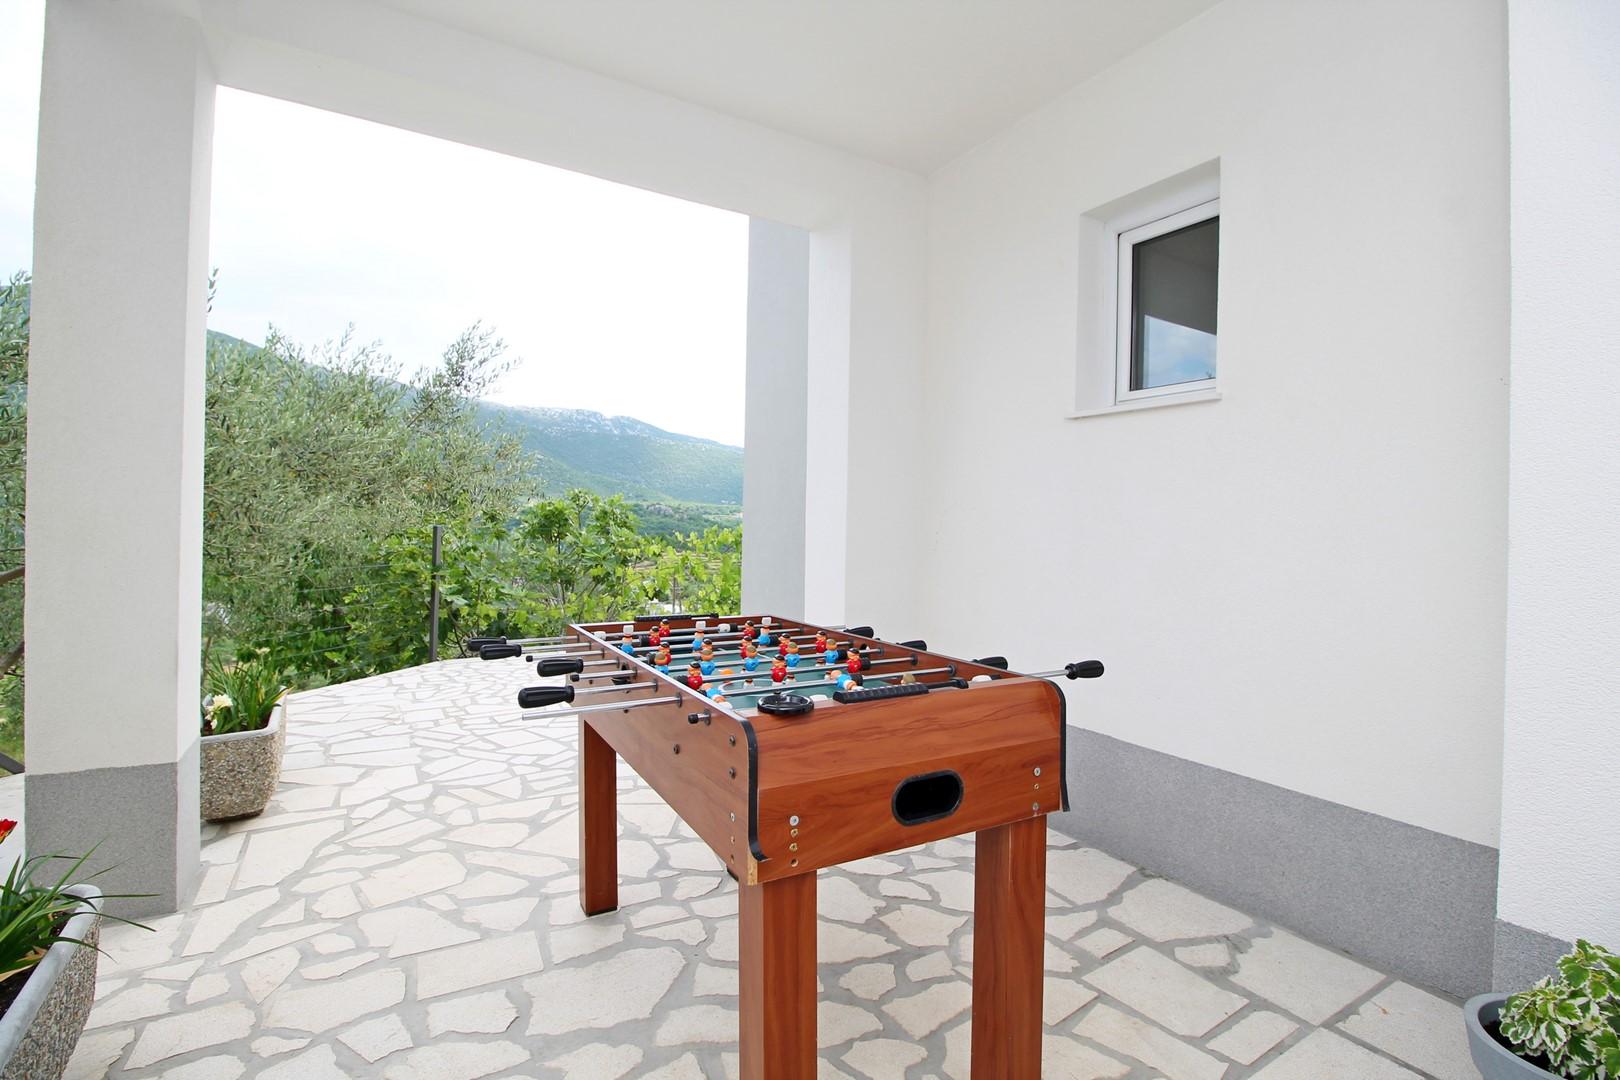 Ferienhaus Privater Pool 3,5 x 8,6 m, überdachter Essbereich im Freien, kostenloses WLAN, voll - klim (2663850), Kostanje, , Dalmatien, Kroatien, Bild 25